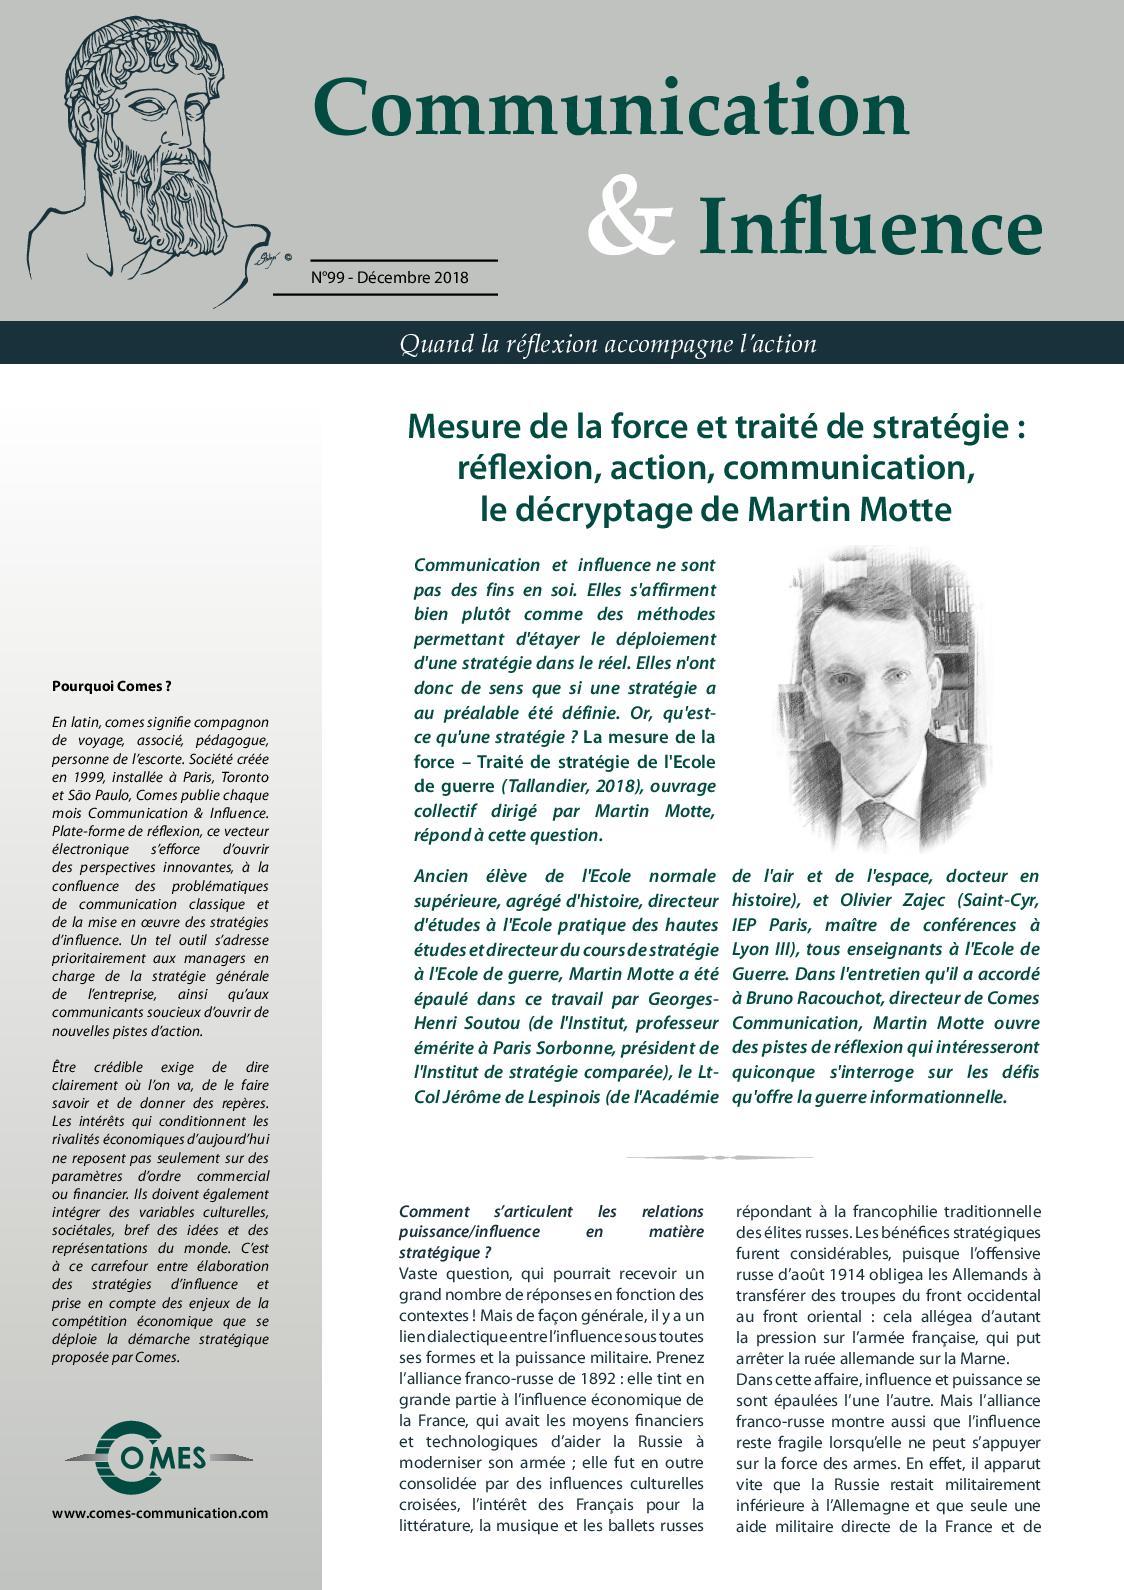 Mesure de la force et traité de stratégie : réflexion, action, communication, le décryptage de Martin Motte